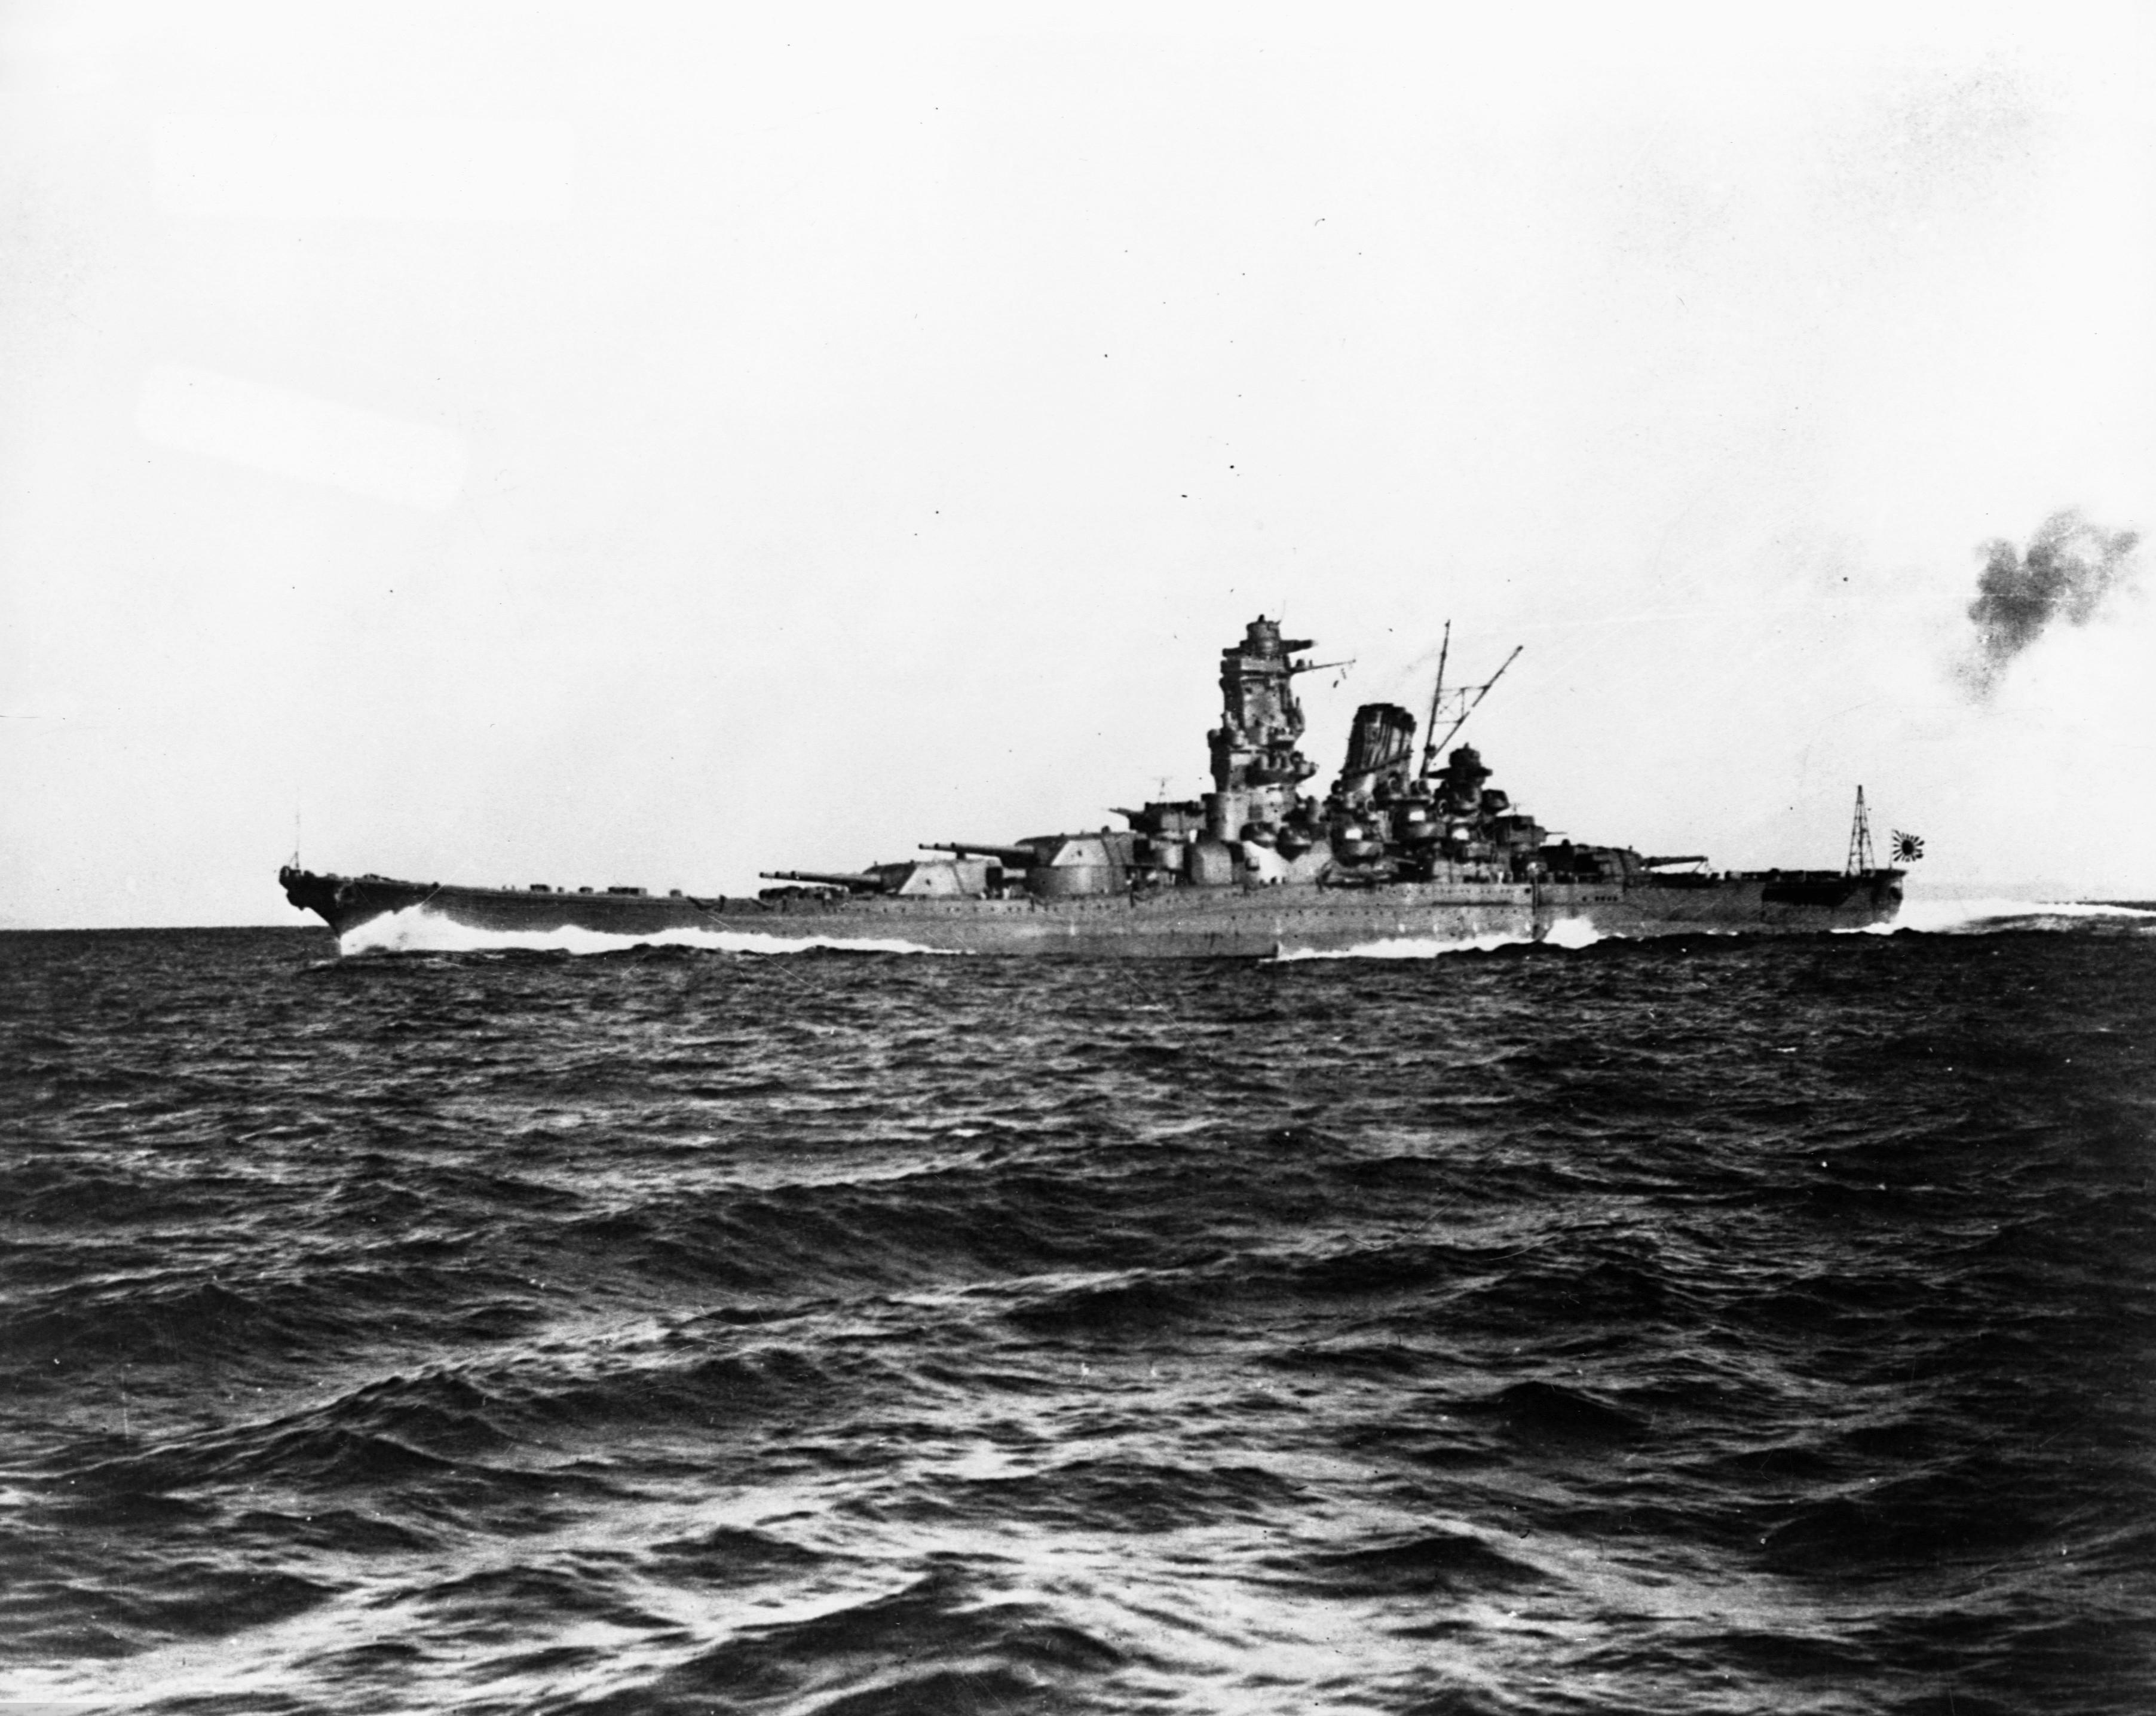 【歴史】「命が削られる音がした…」 沖縄水上特攻・生還者たちの証言 時代遅れの巨大戦艦「大和」とともに のサムネイル画像